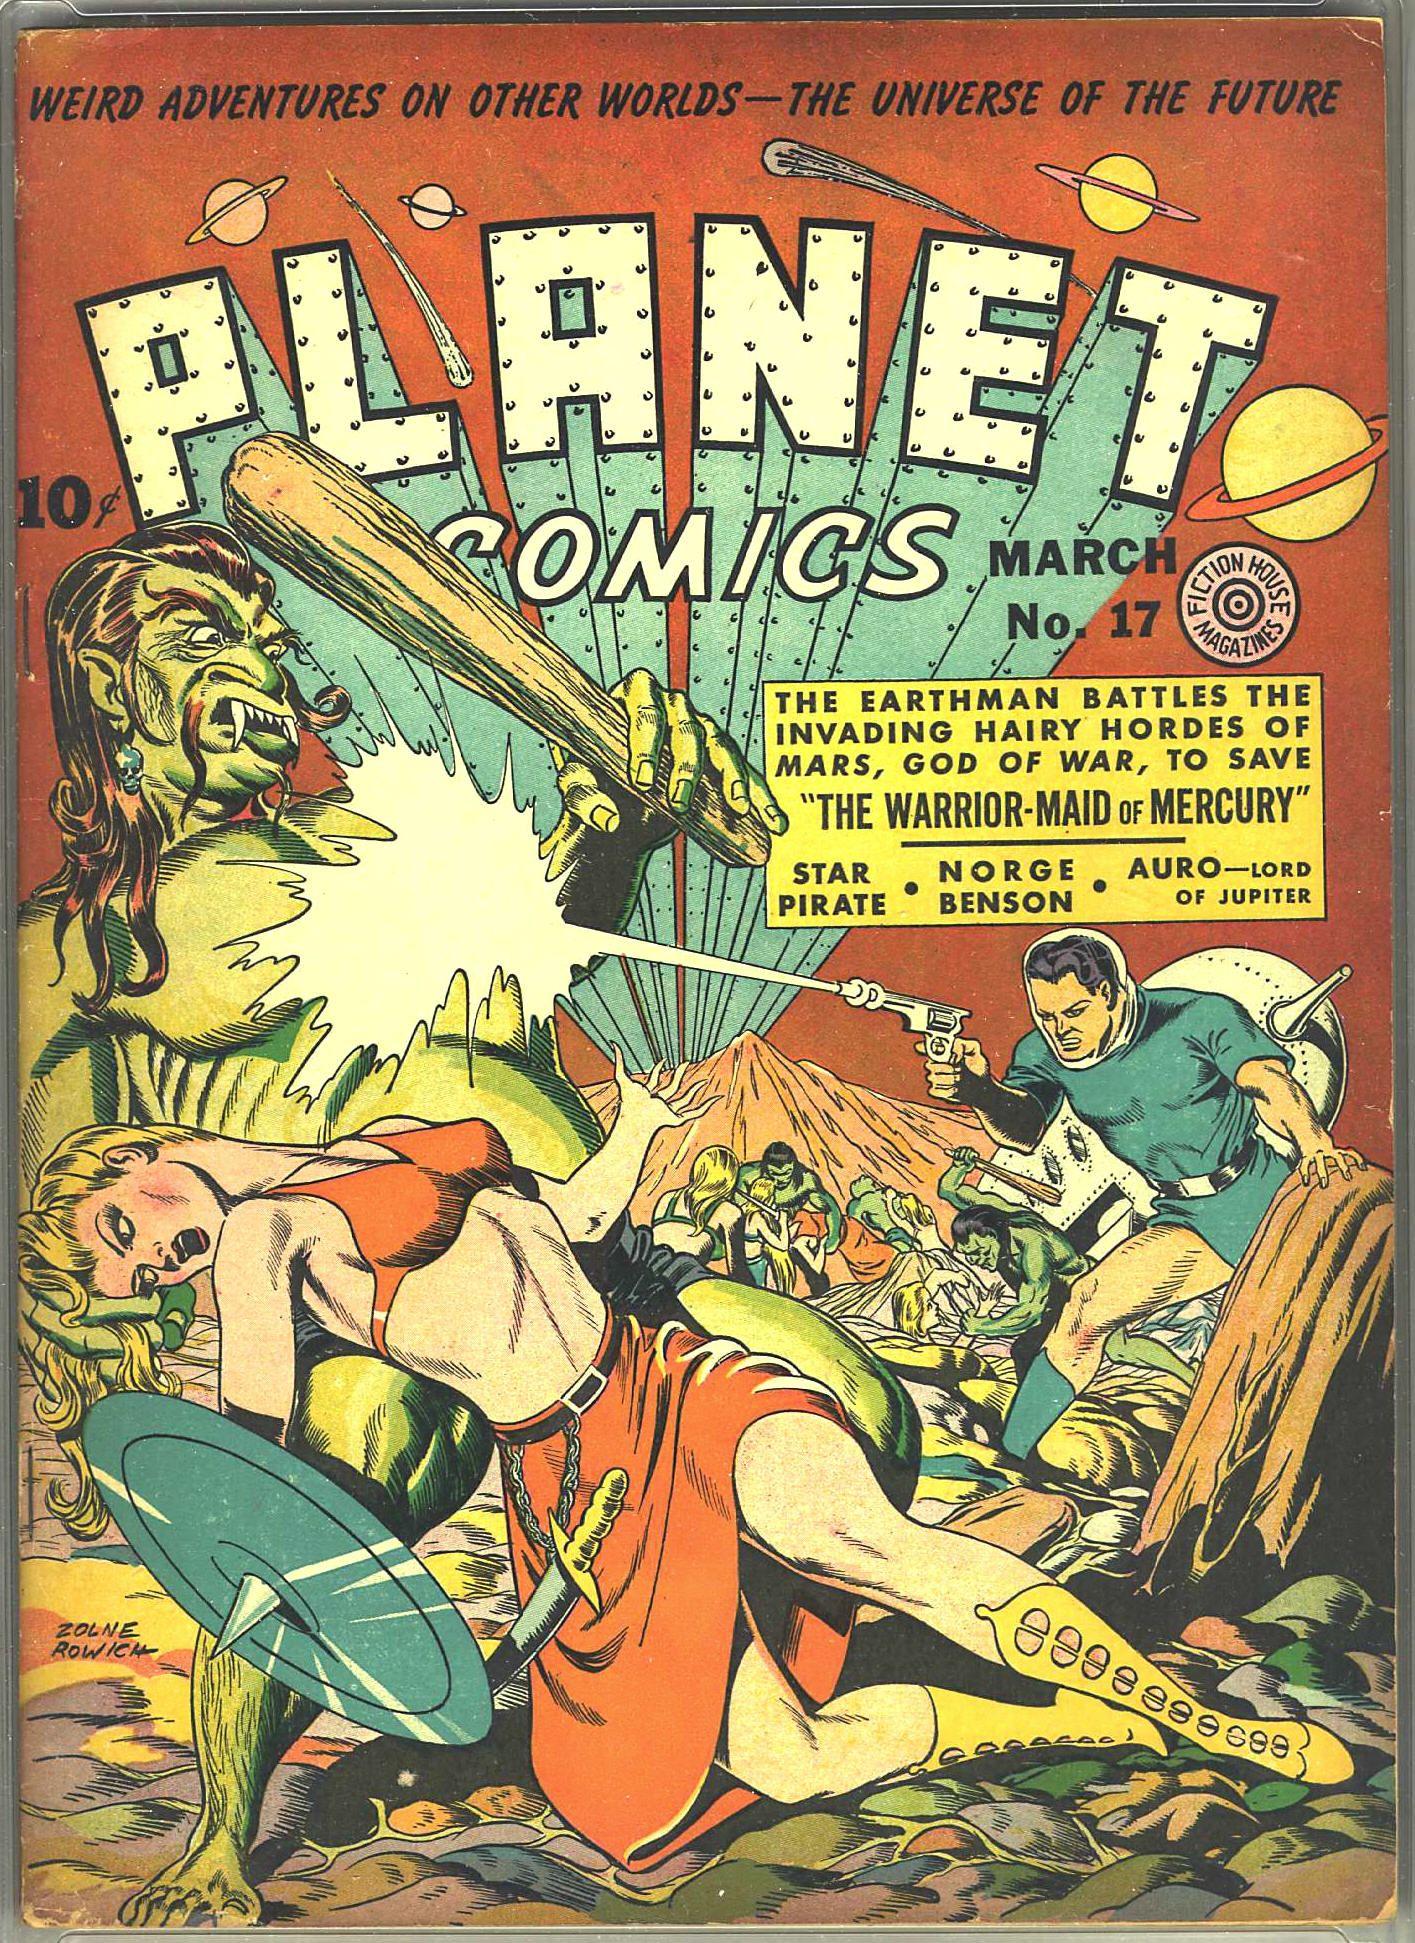 Comic Book Cover Paper : Digital comic museum viewer planet comics paper